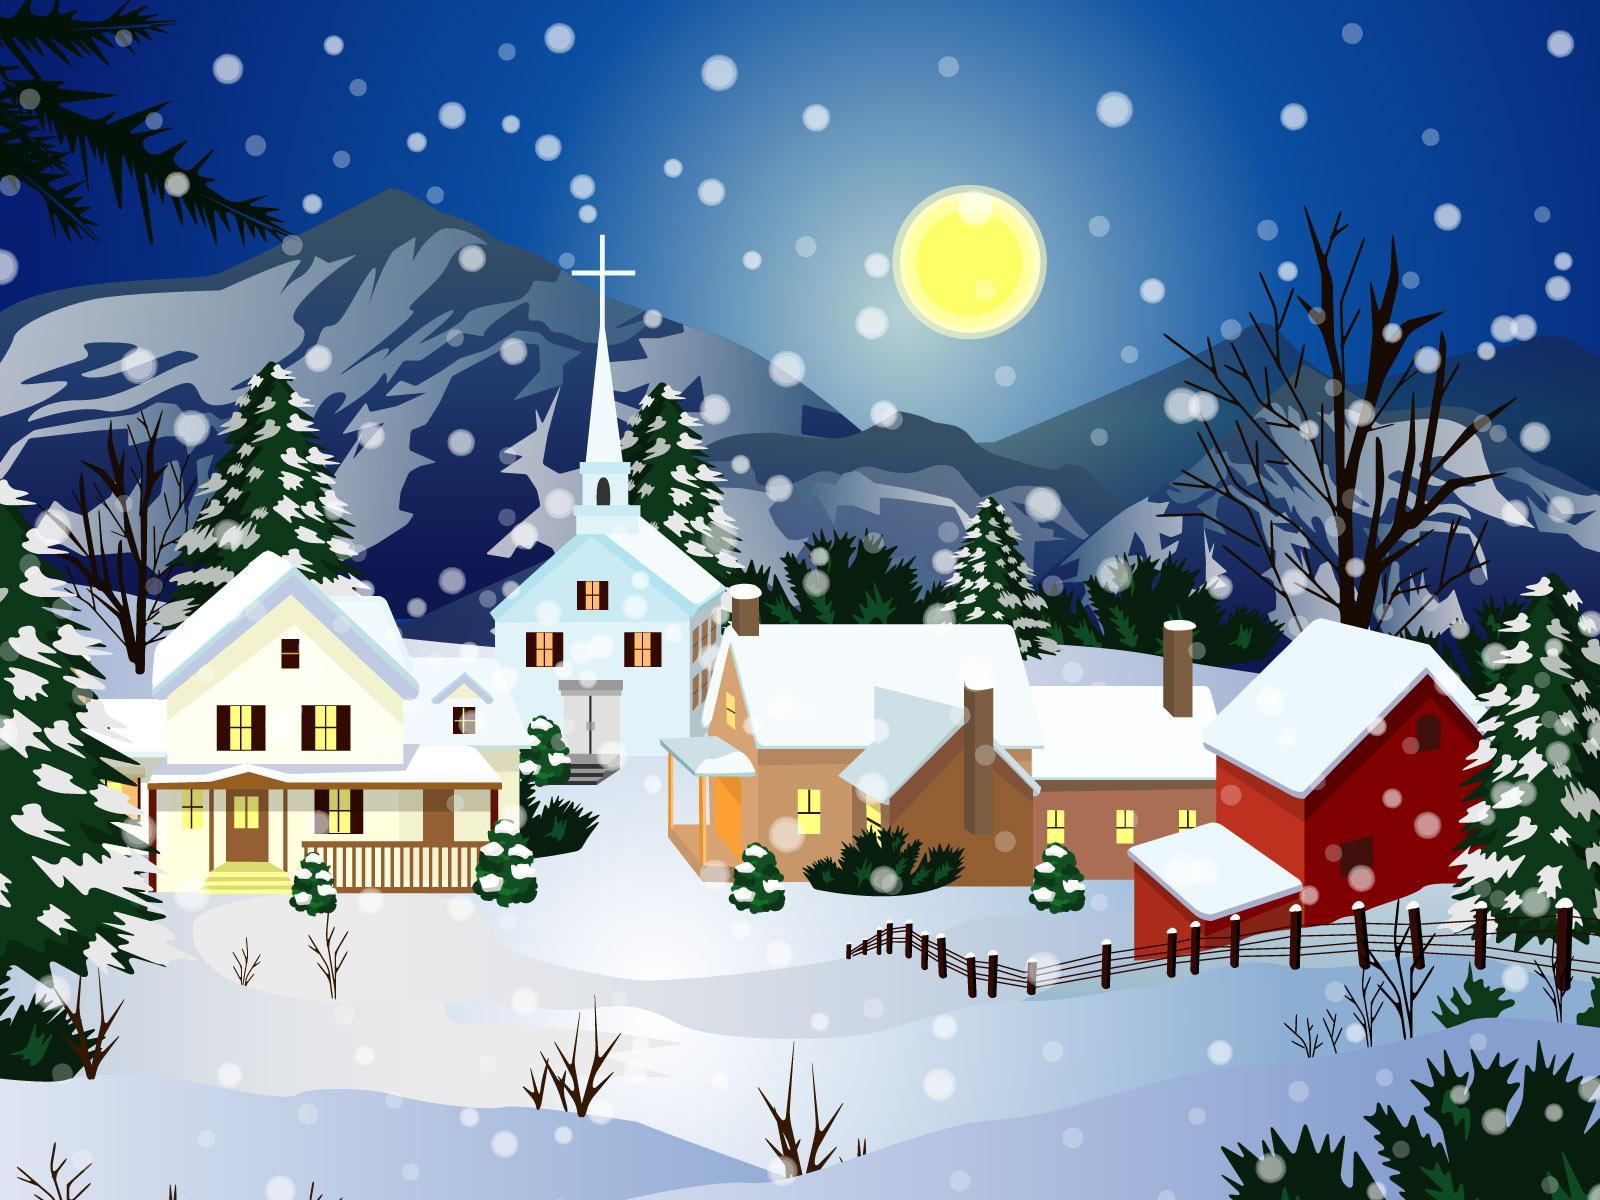 Christmas Desktop Wallpapers Hd Art Hd 3d Nature Butterfly Dwonload Hd 1600x1200